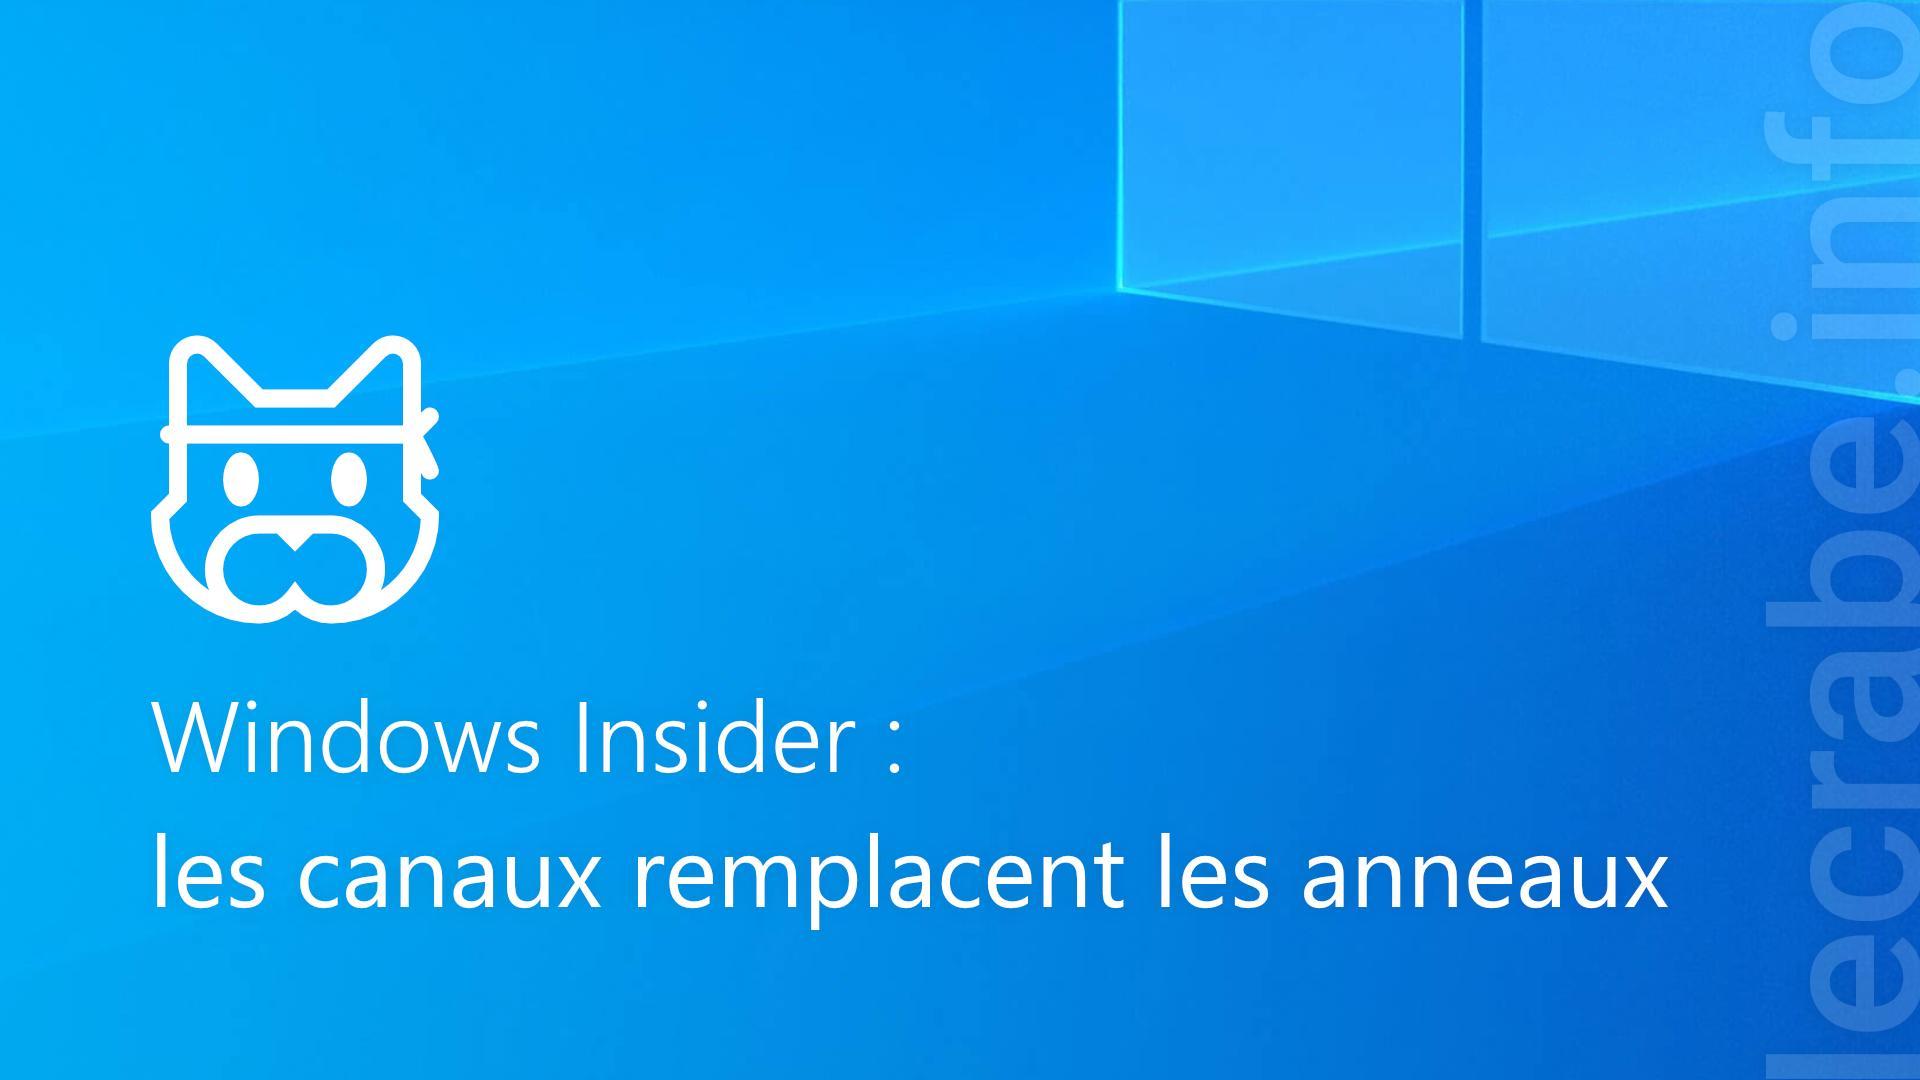 Windows Insider : les canaux remplacent les anneaux